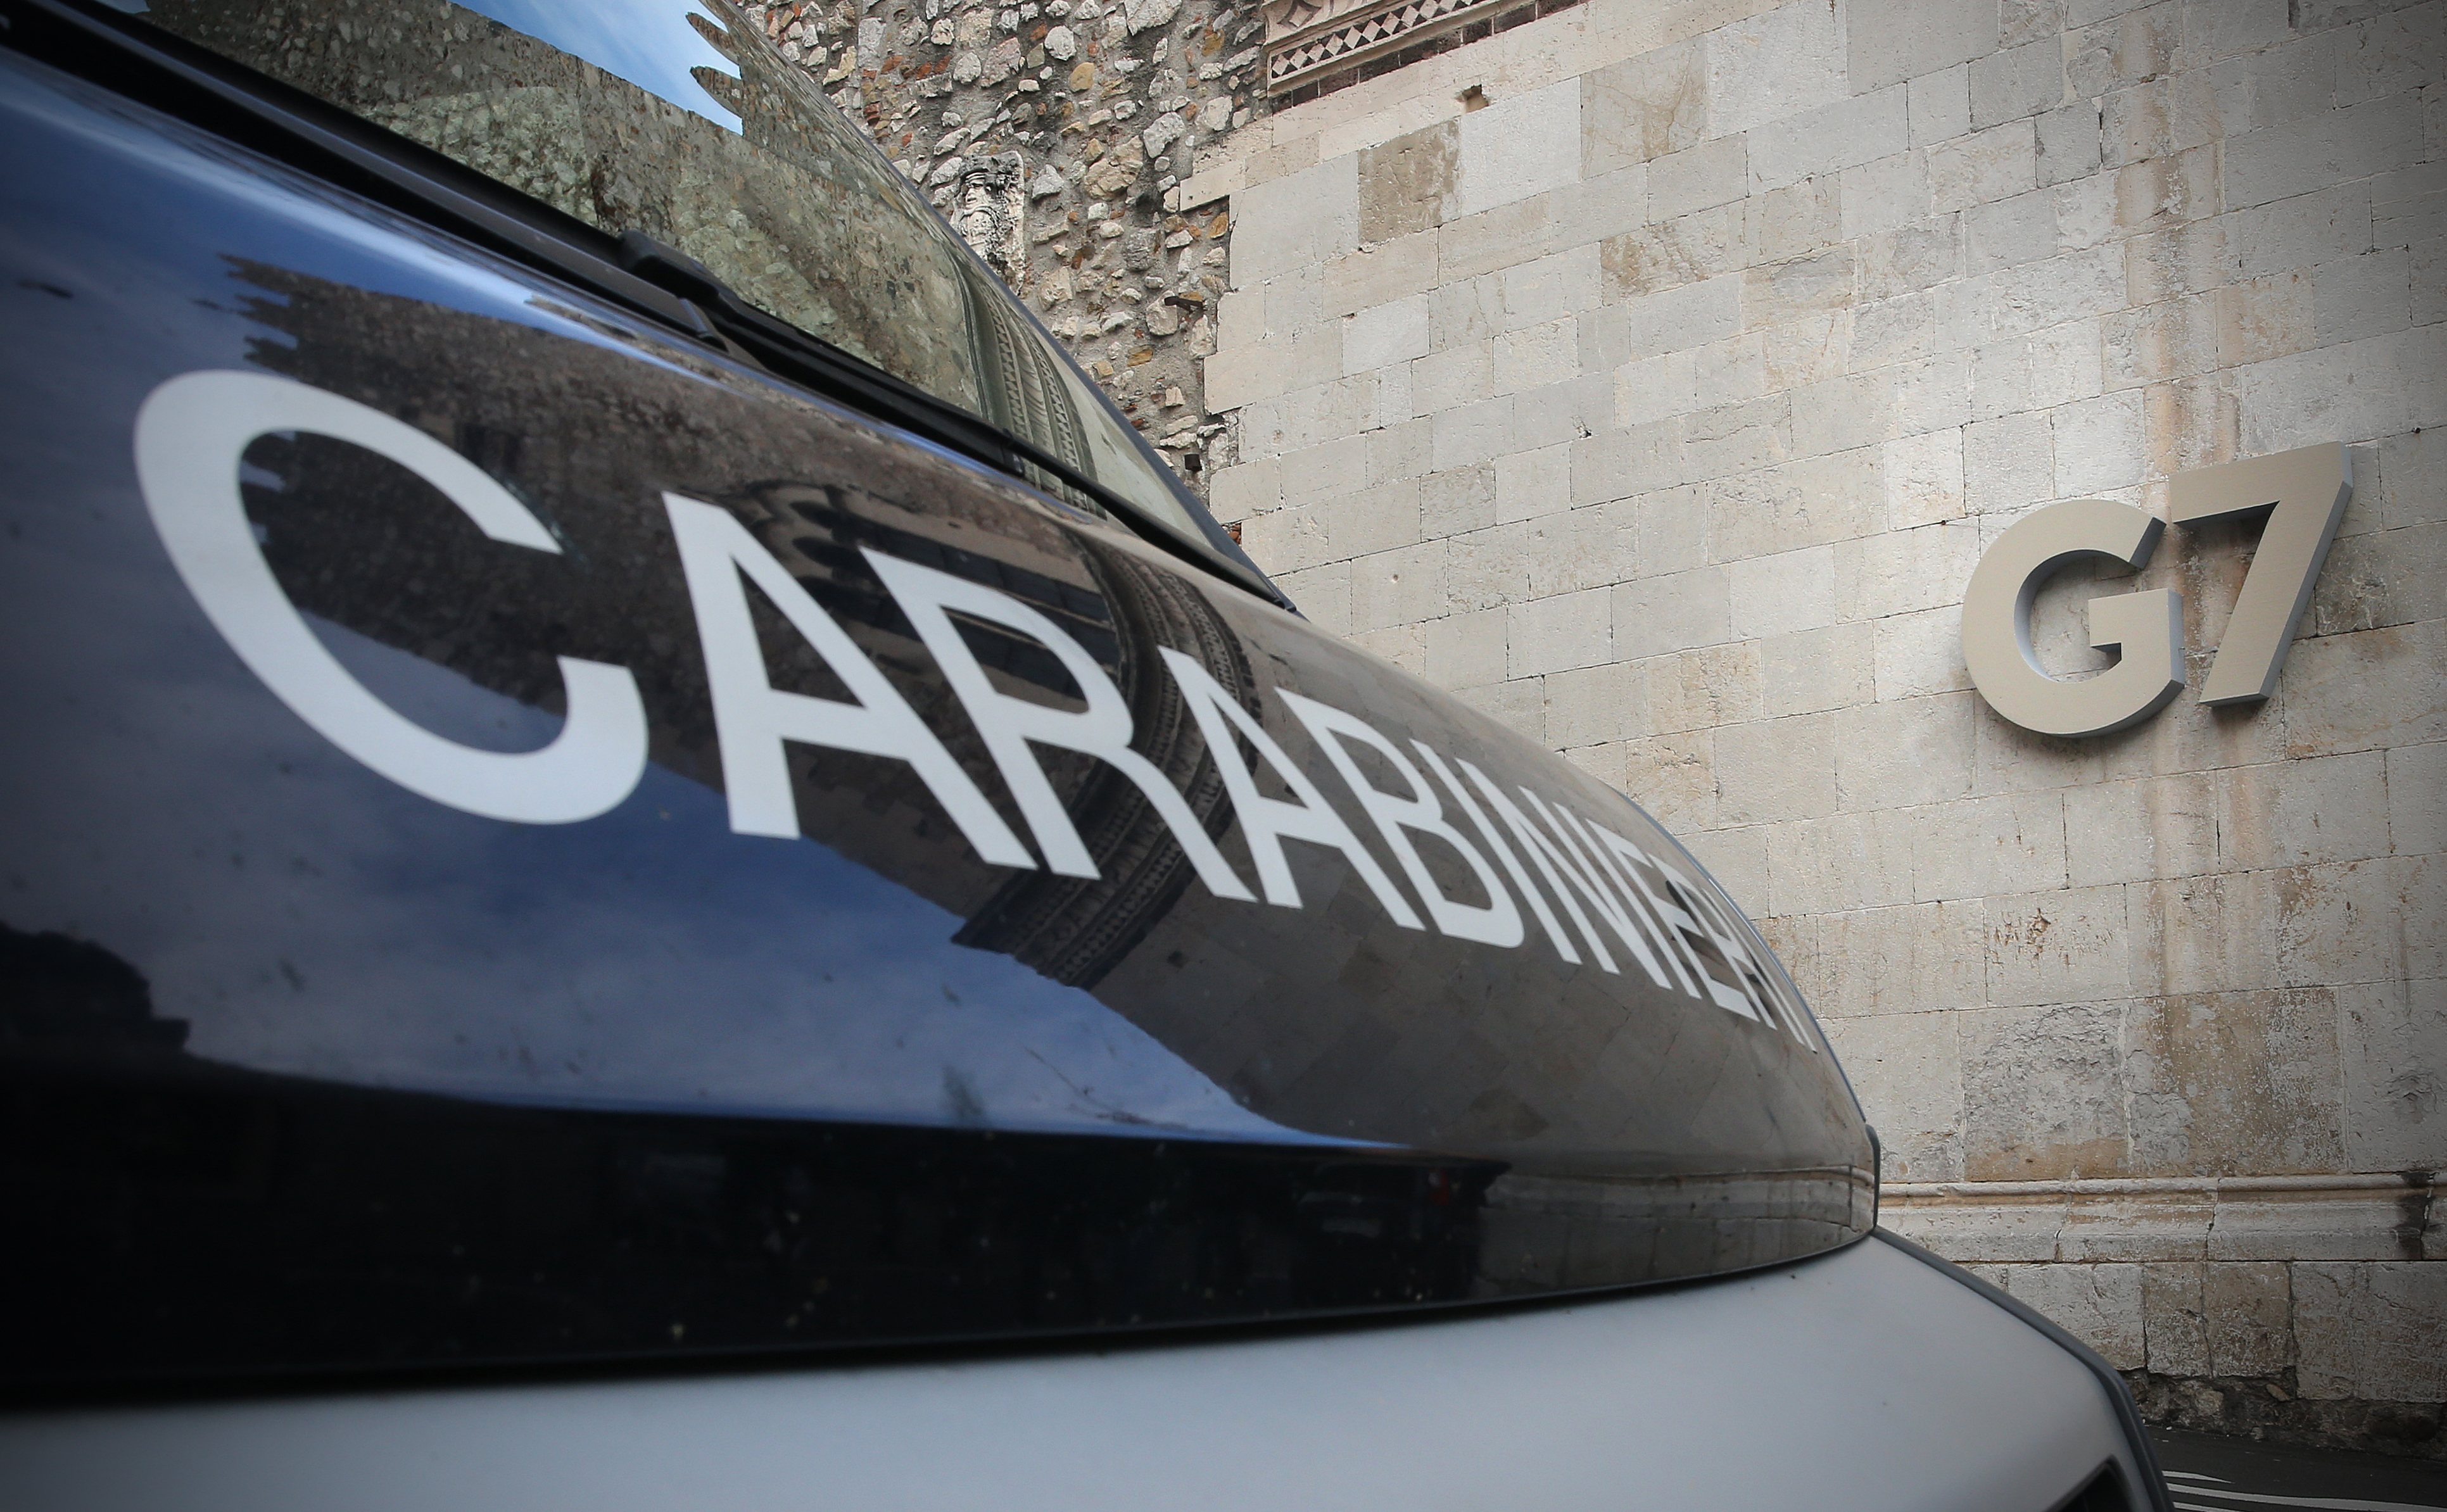 Húsz tonna hasist foglalt le az olasz rendőrség